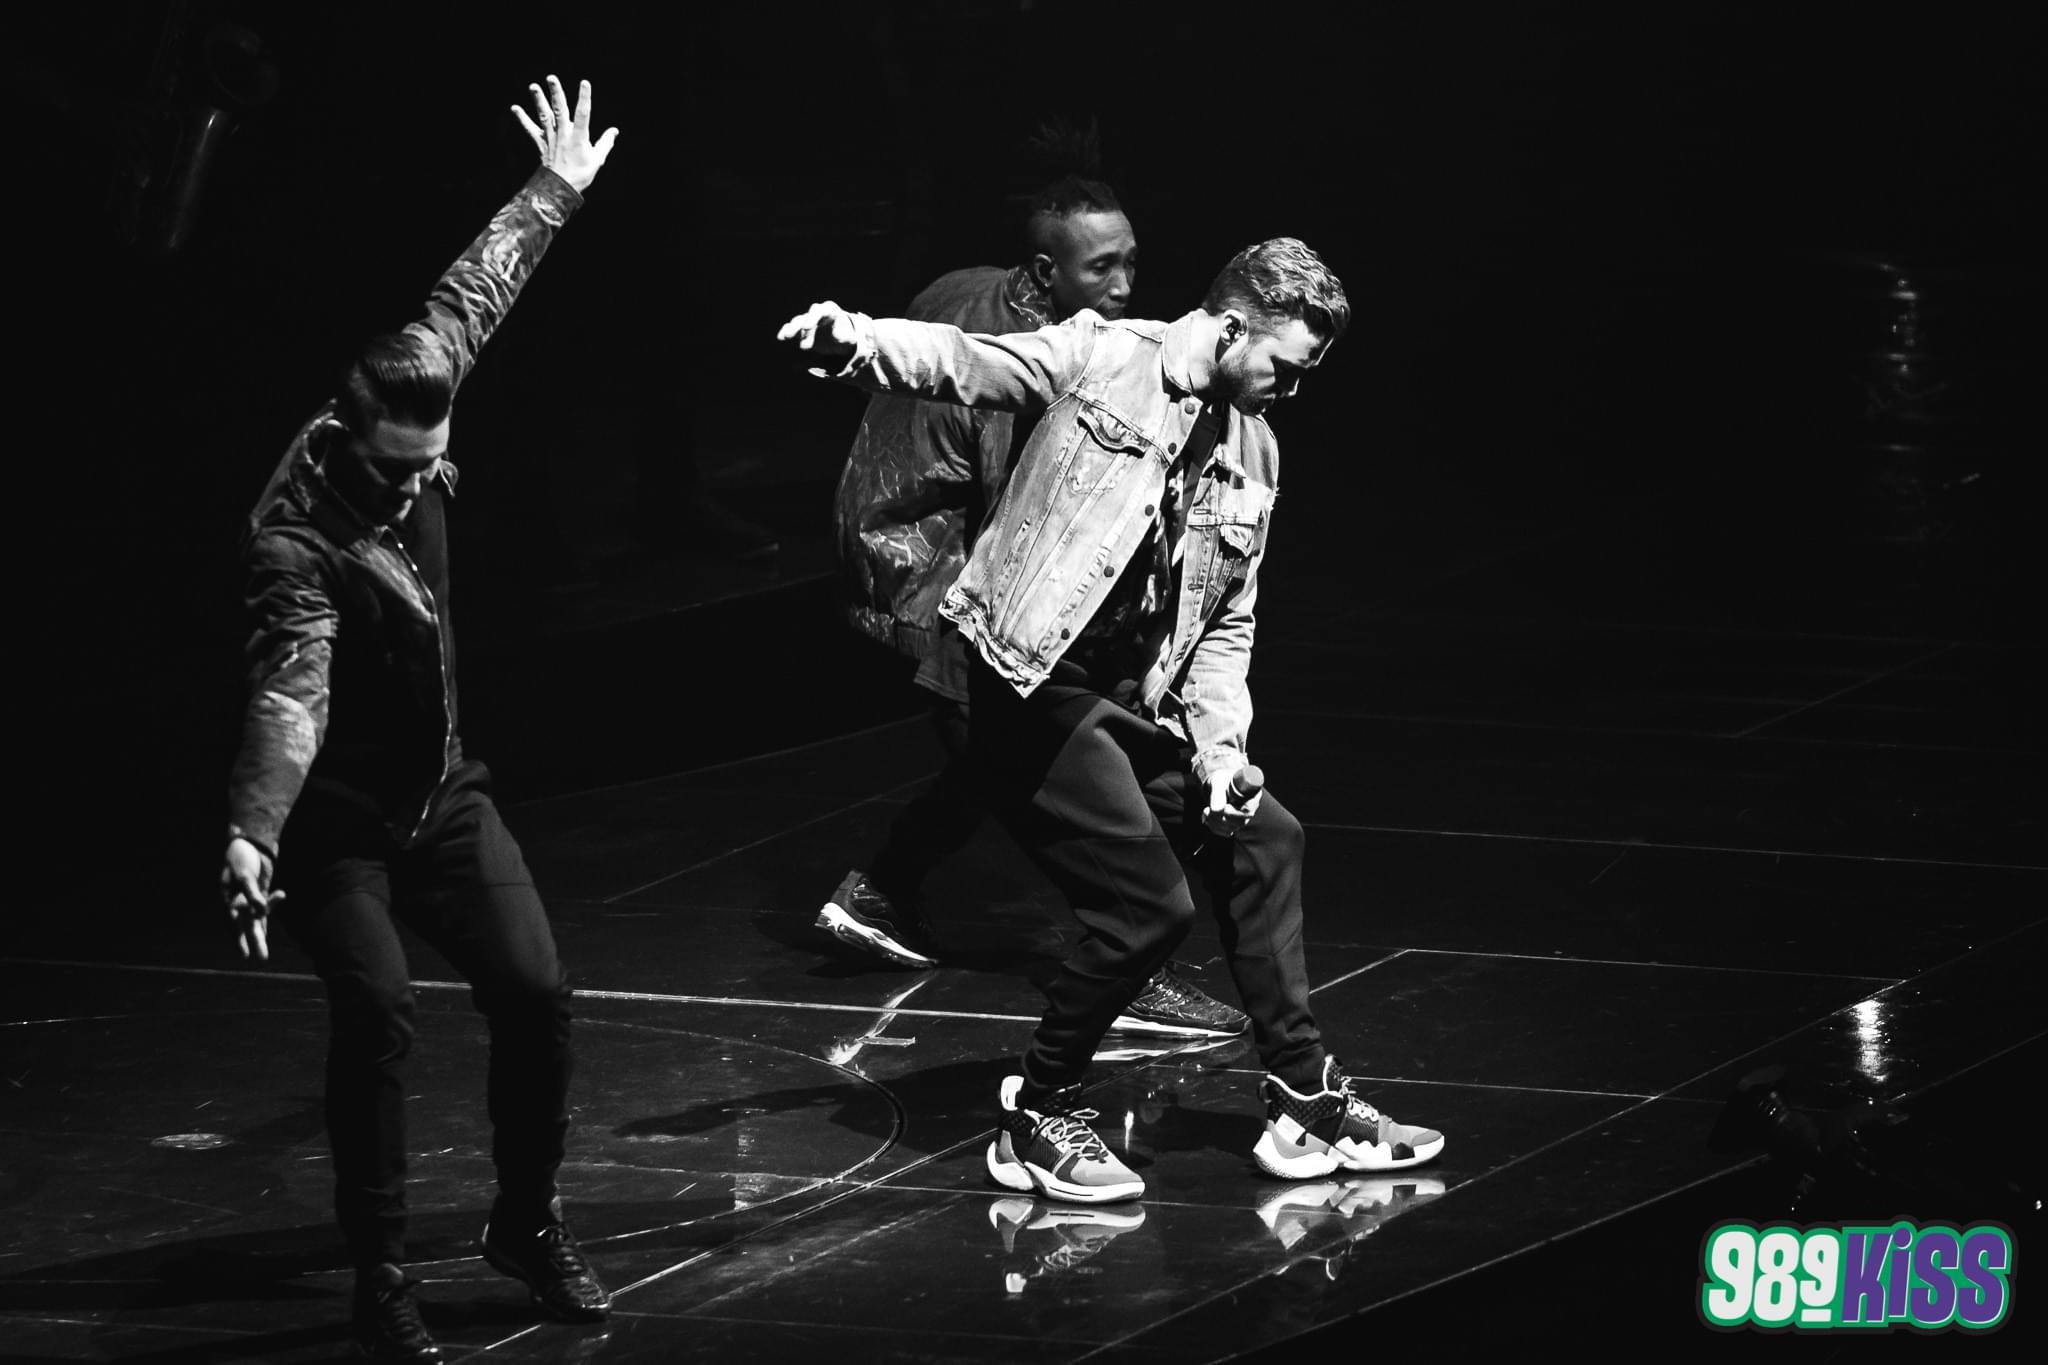 [PHOTOS] Justin Timberlake at the 'Peake!